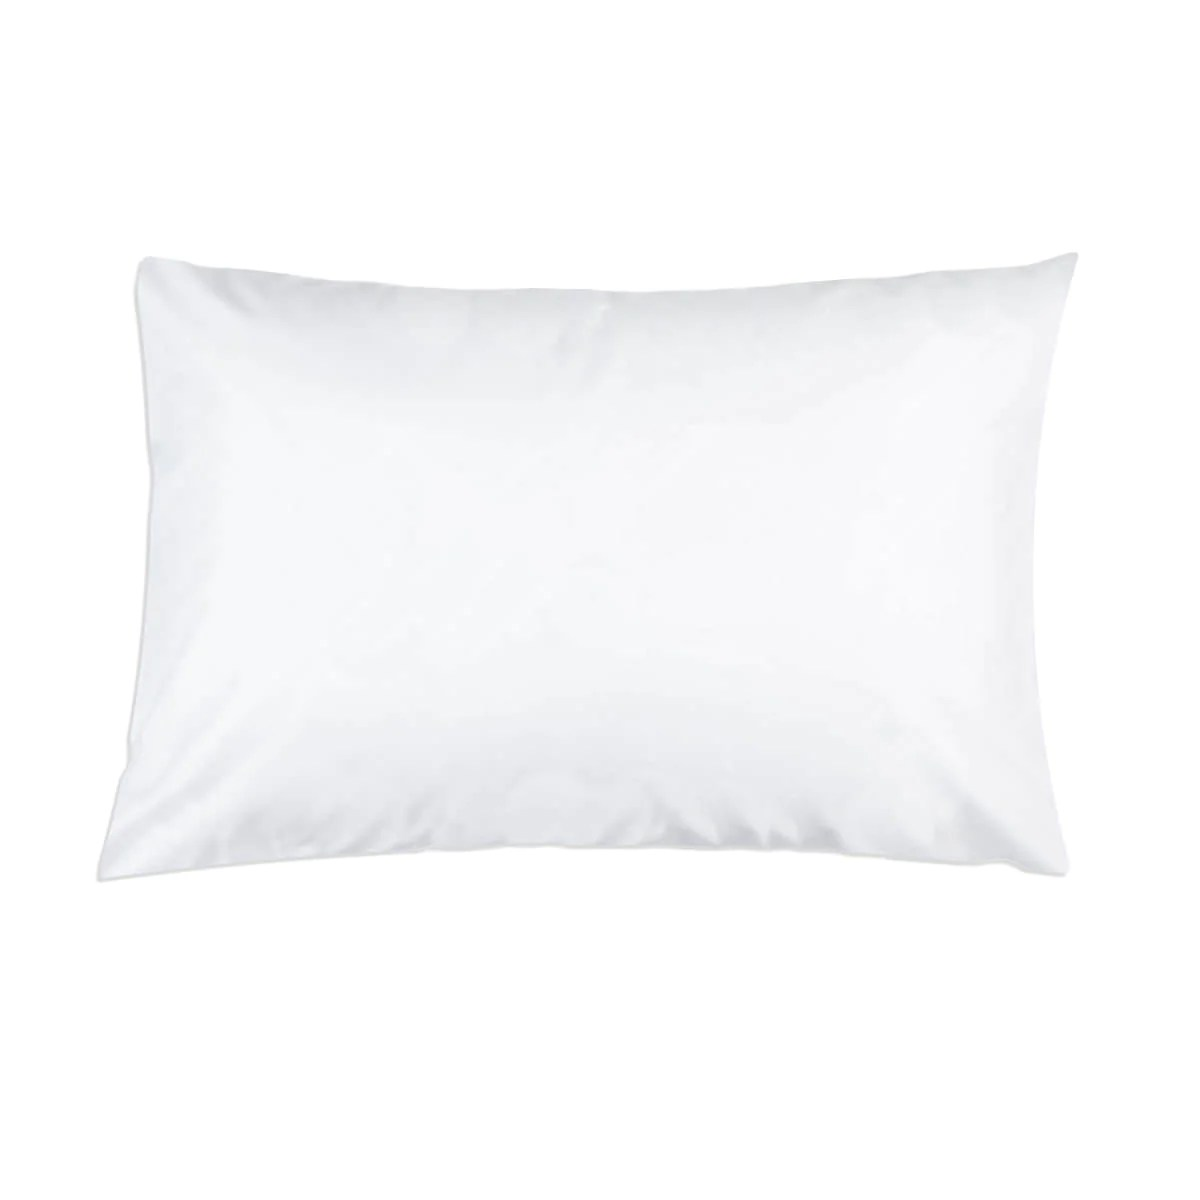 vinyl waterproof pillow cover